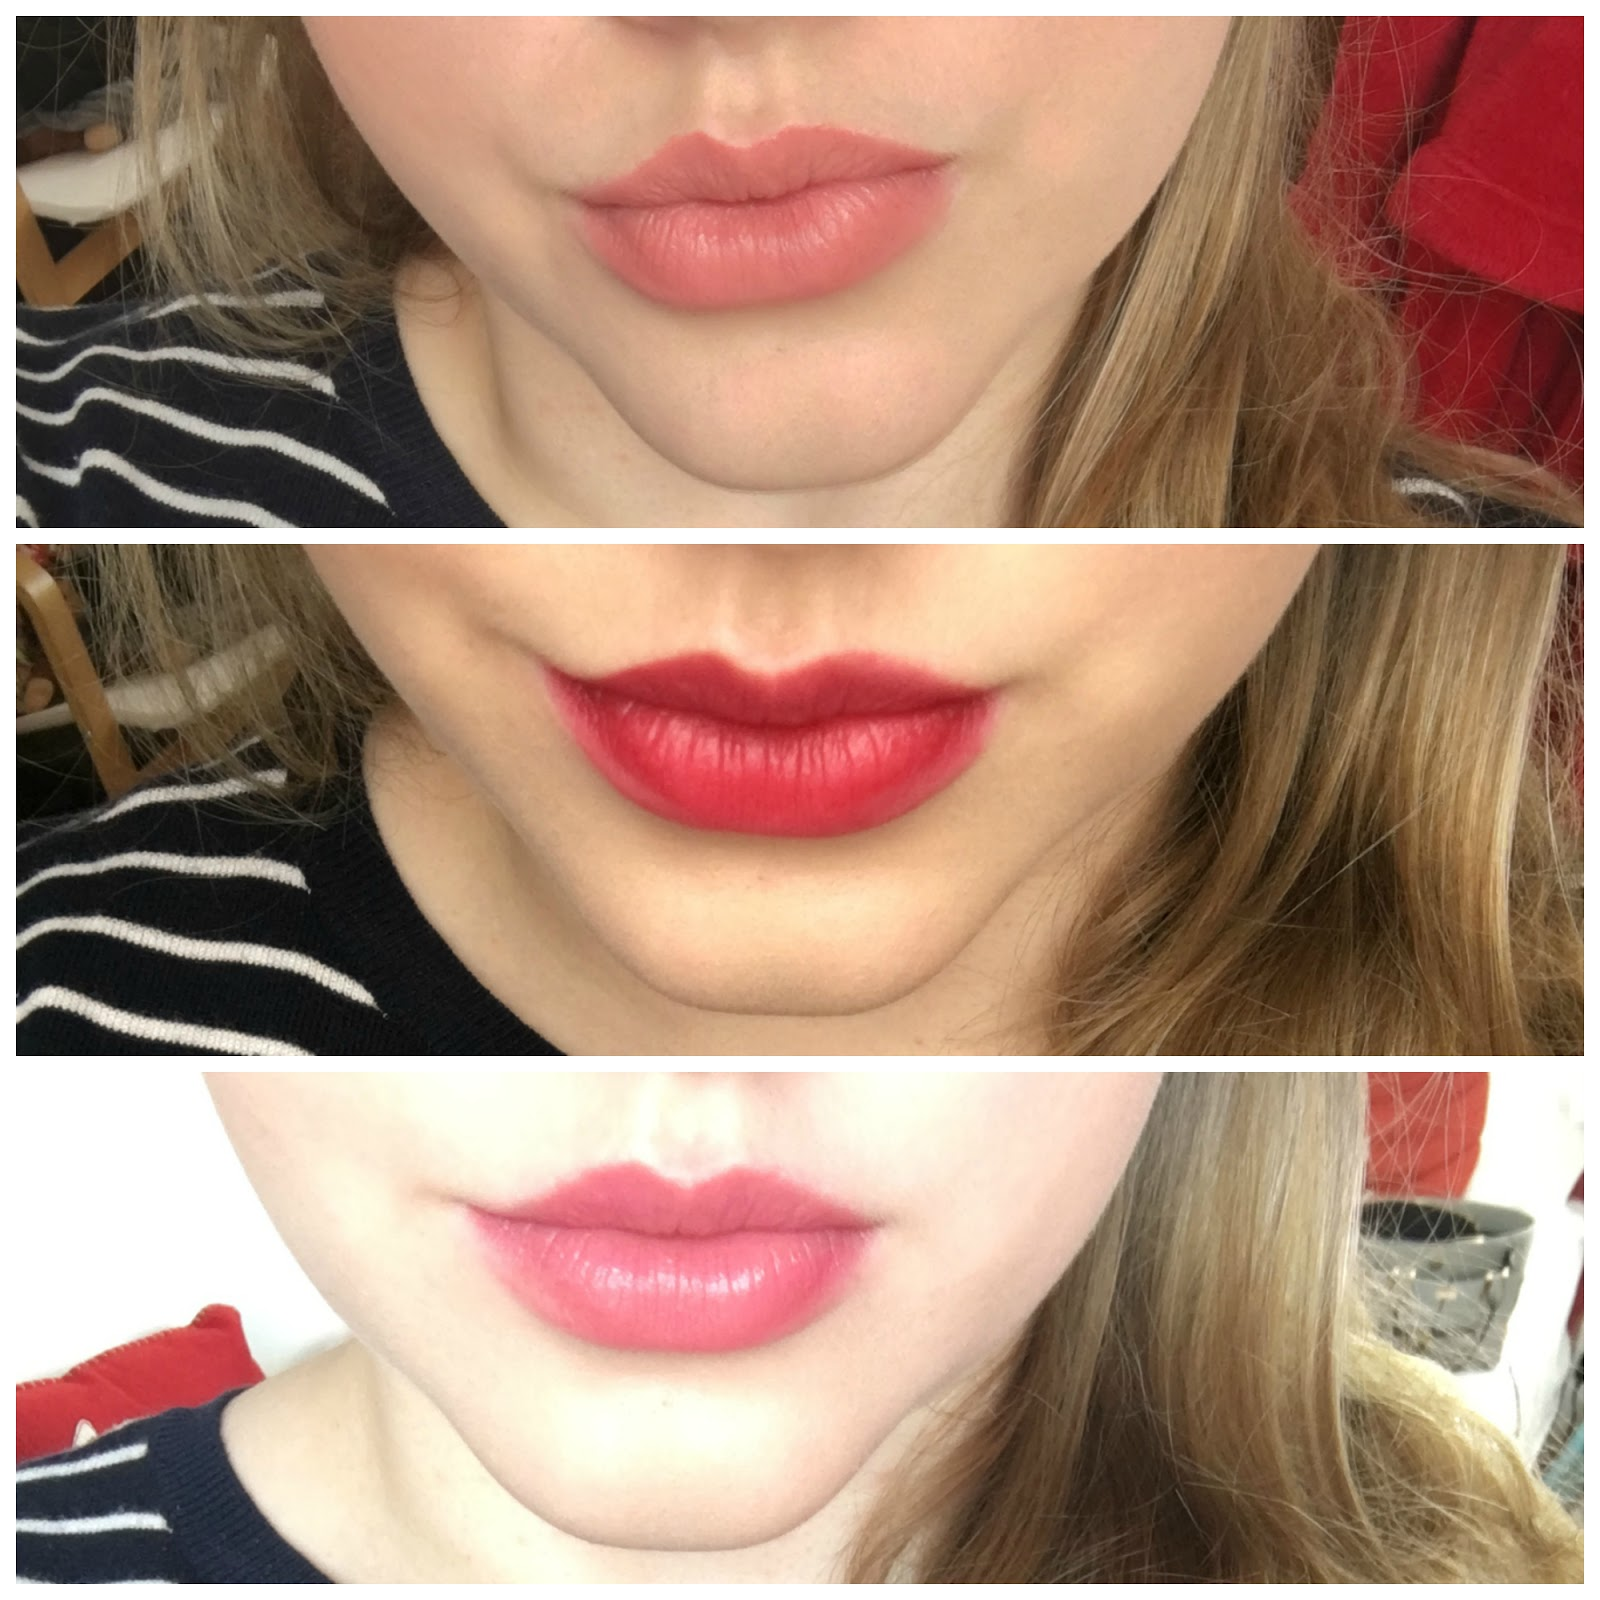 Revlon Ultra Hd Matte Lip Colour Review  Swatches -2378